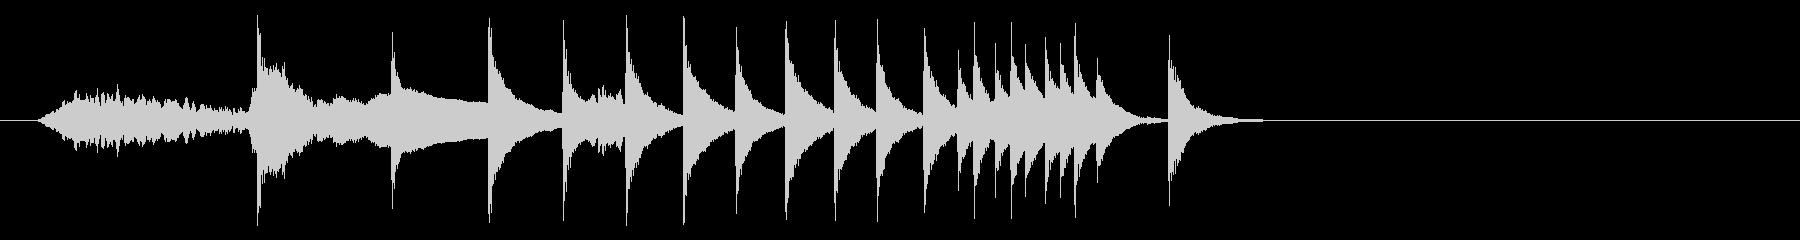 和風 相撲の終わりの時に流れる感じの未再生の波形